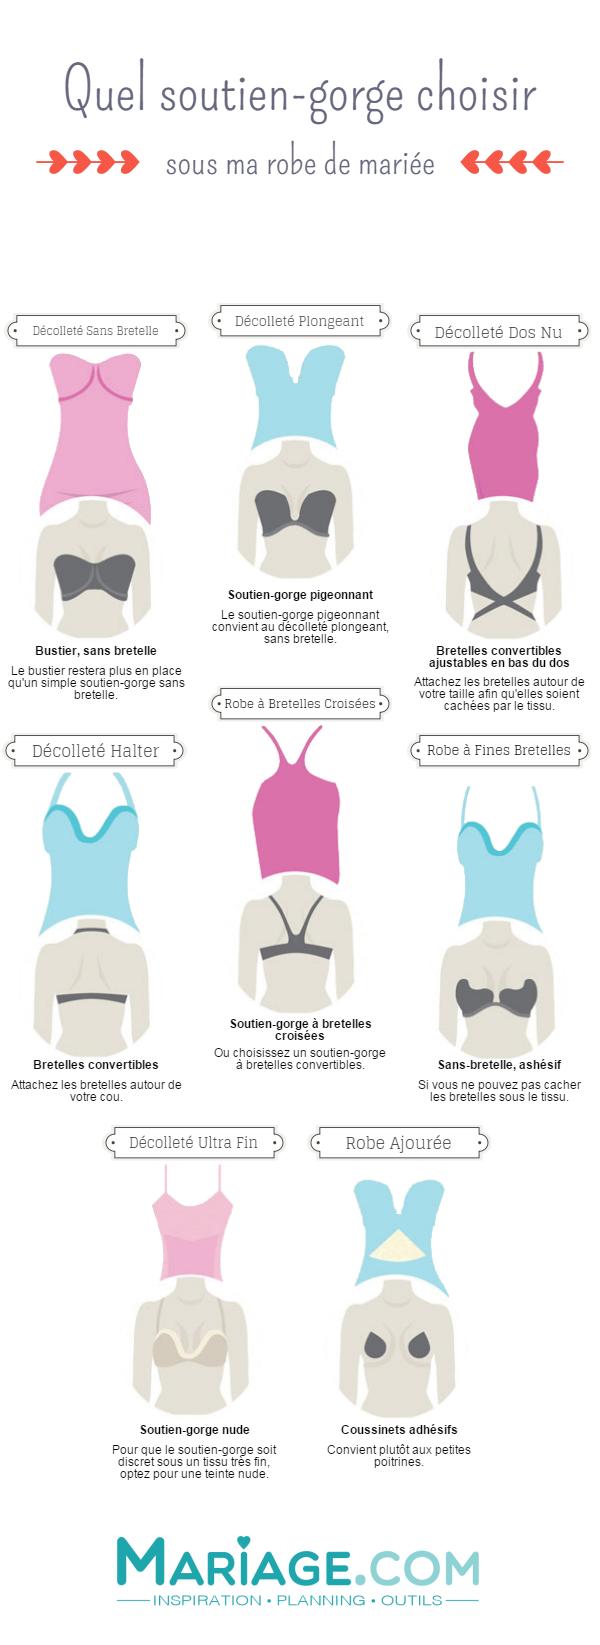 quel-soutien-gorge-sous-robe-de-mariee-infographie